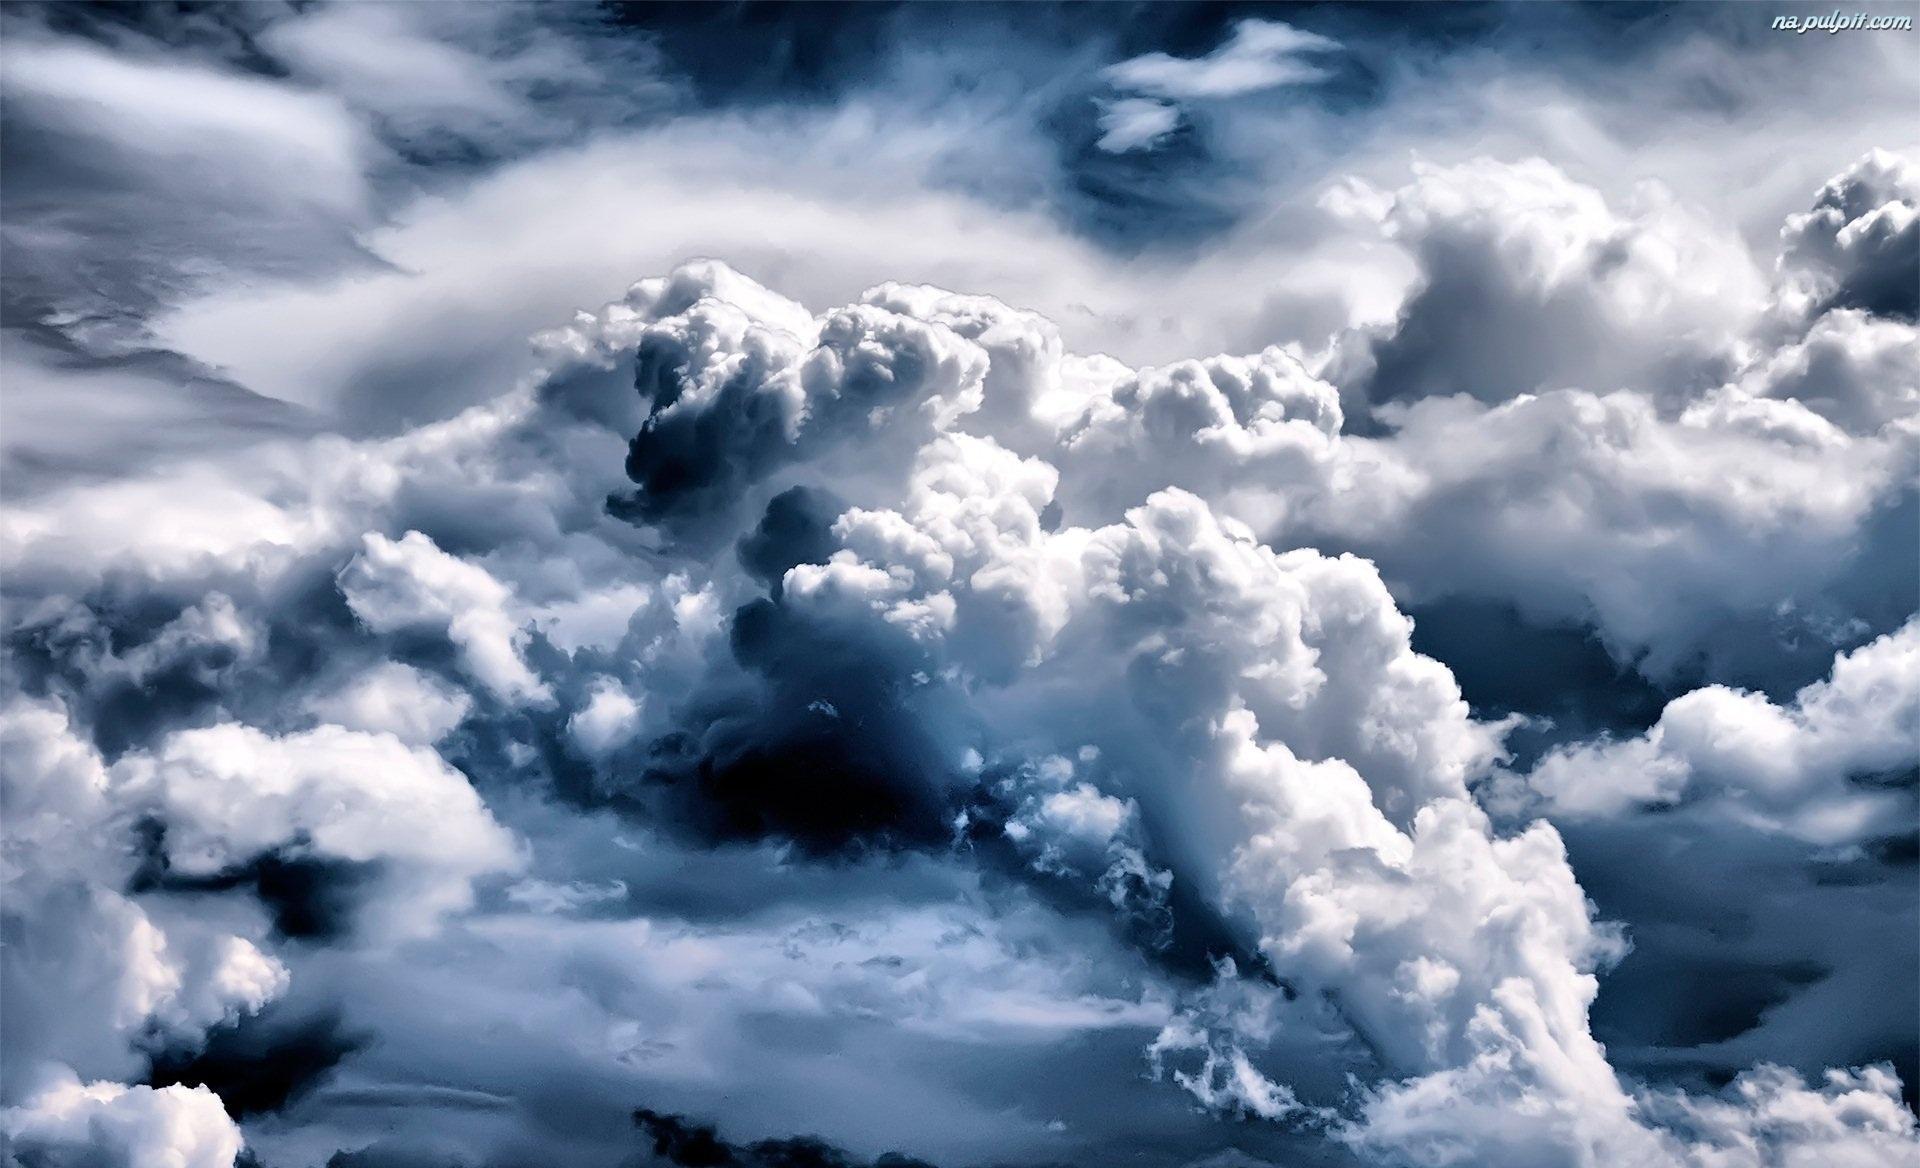 ciemne-chmury-sklebione